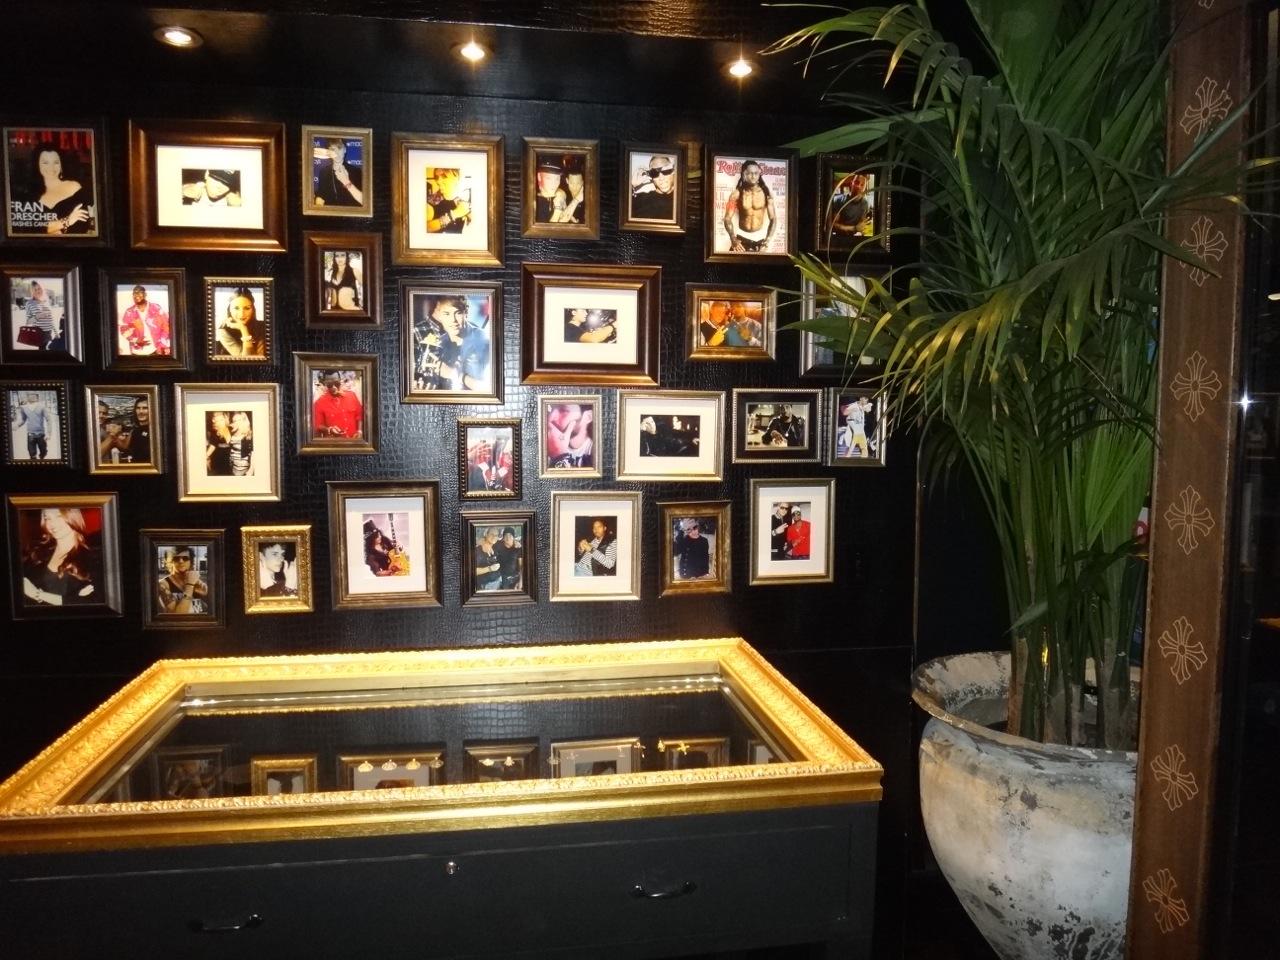 Jannik Nialaya Los Angeles Store 8